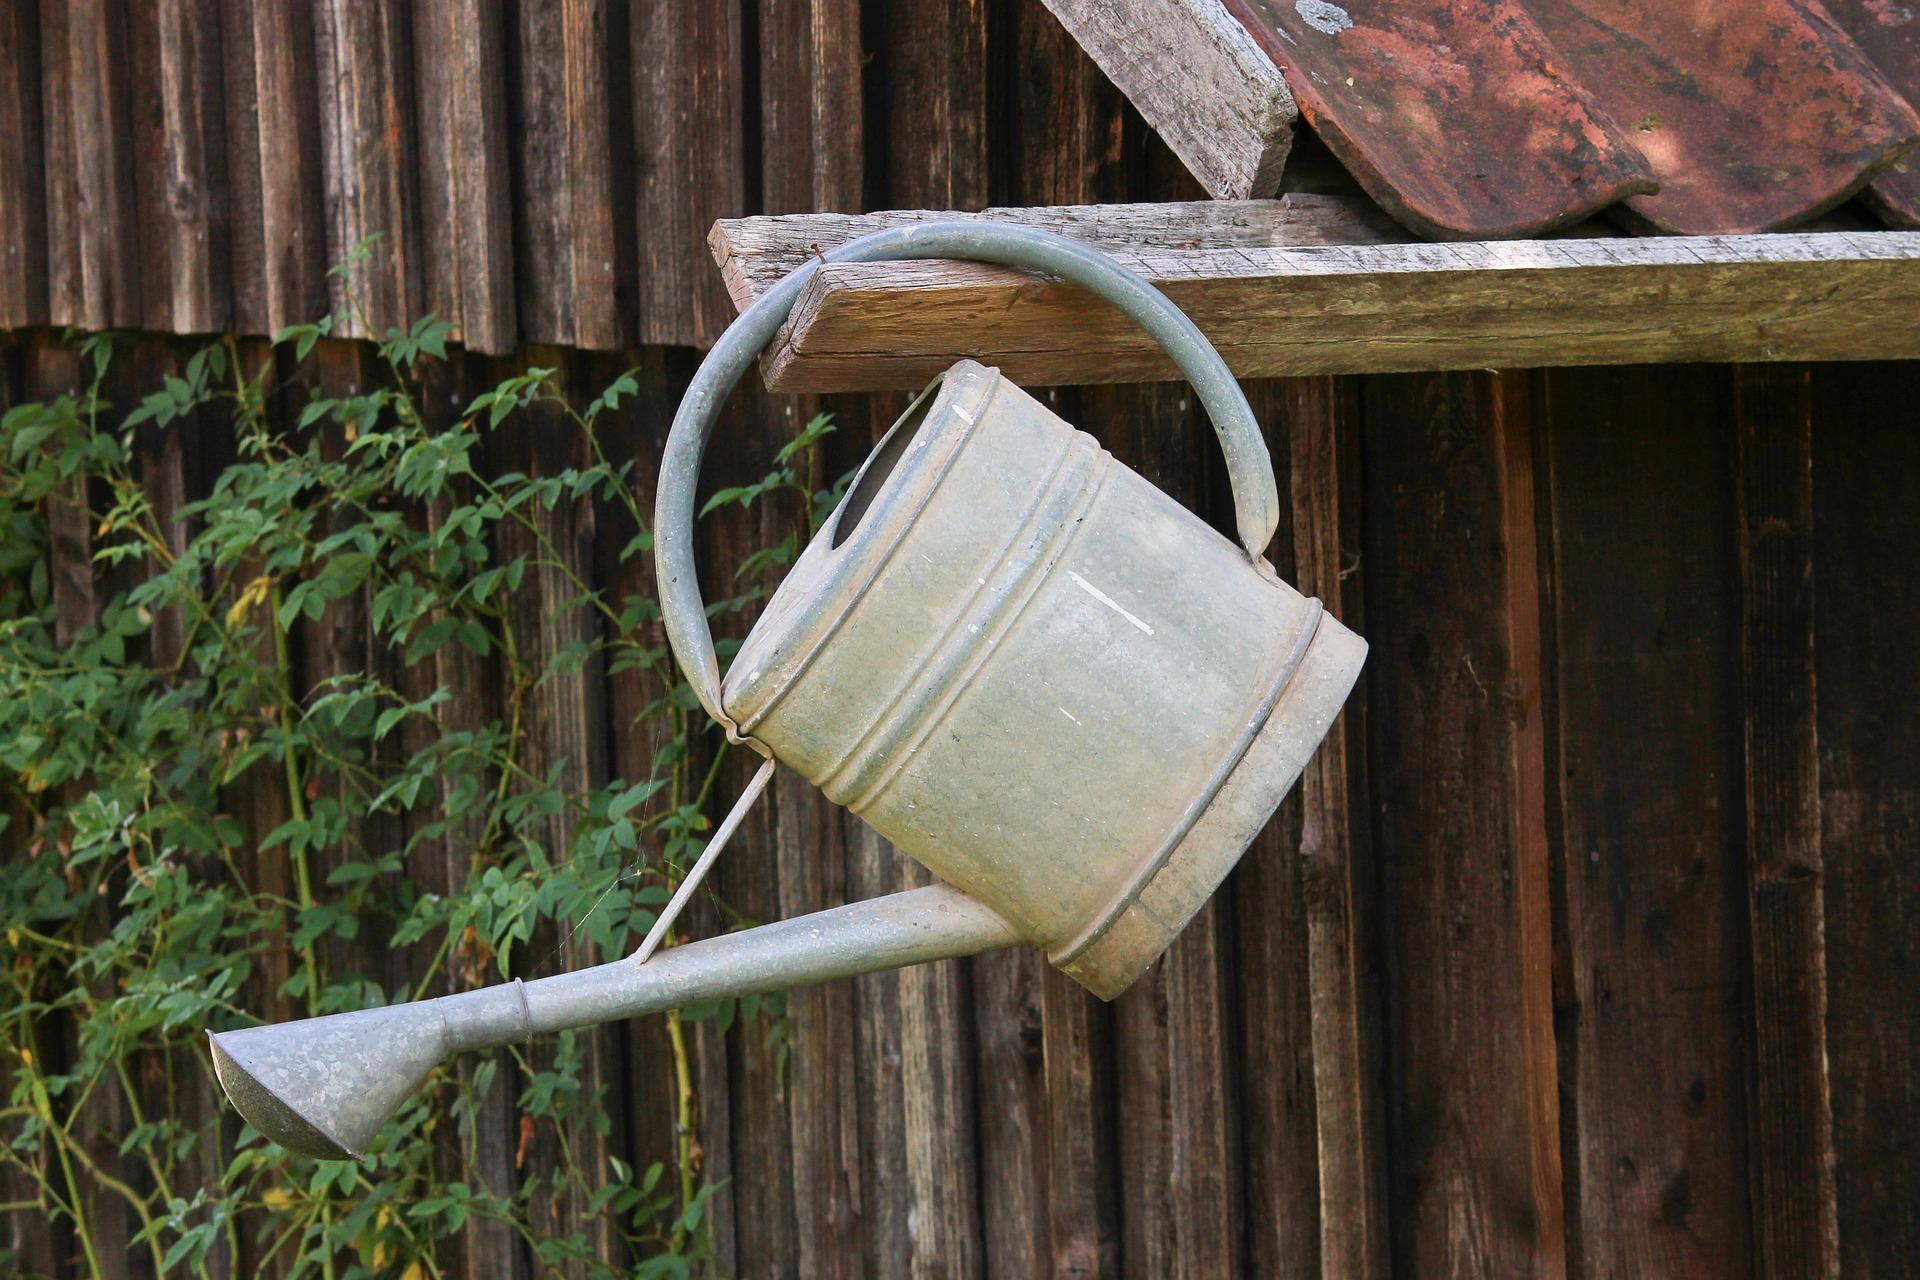 watering-can-3603799_1920.jpg